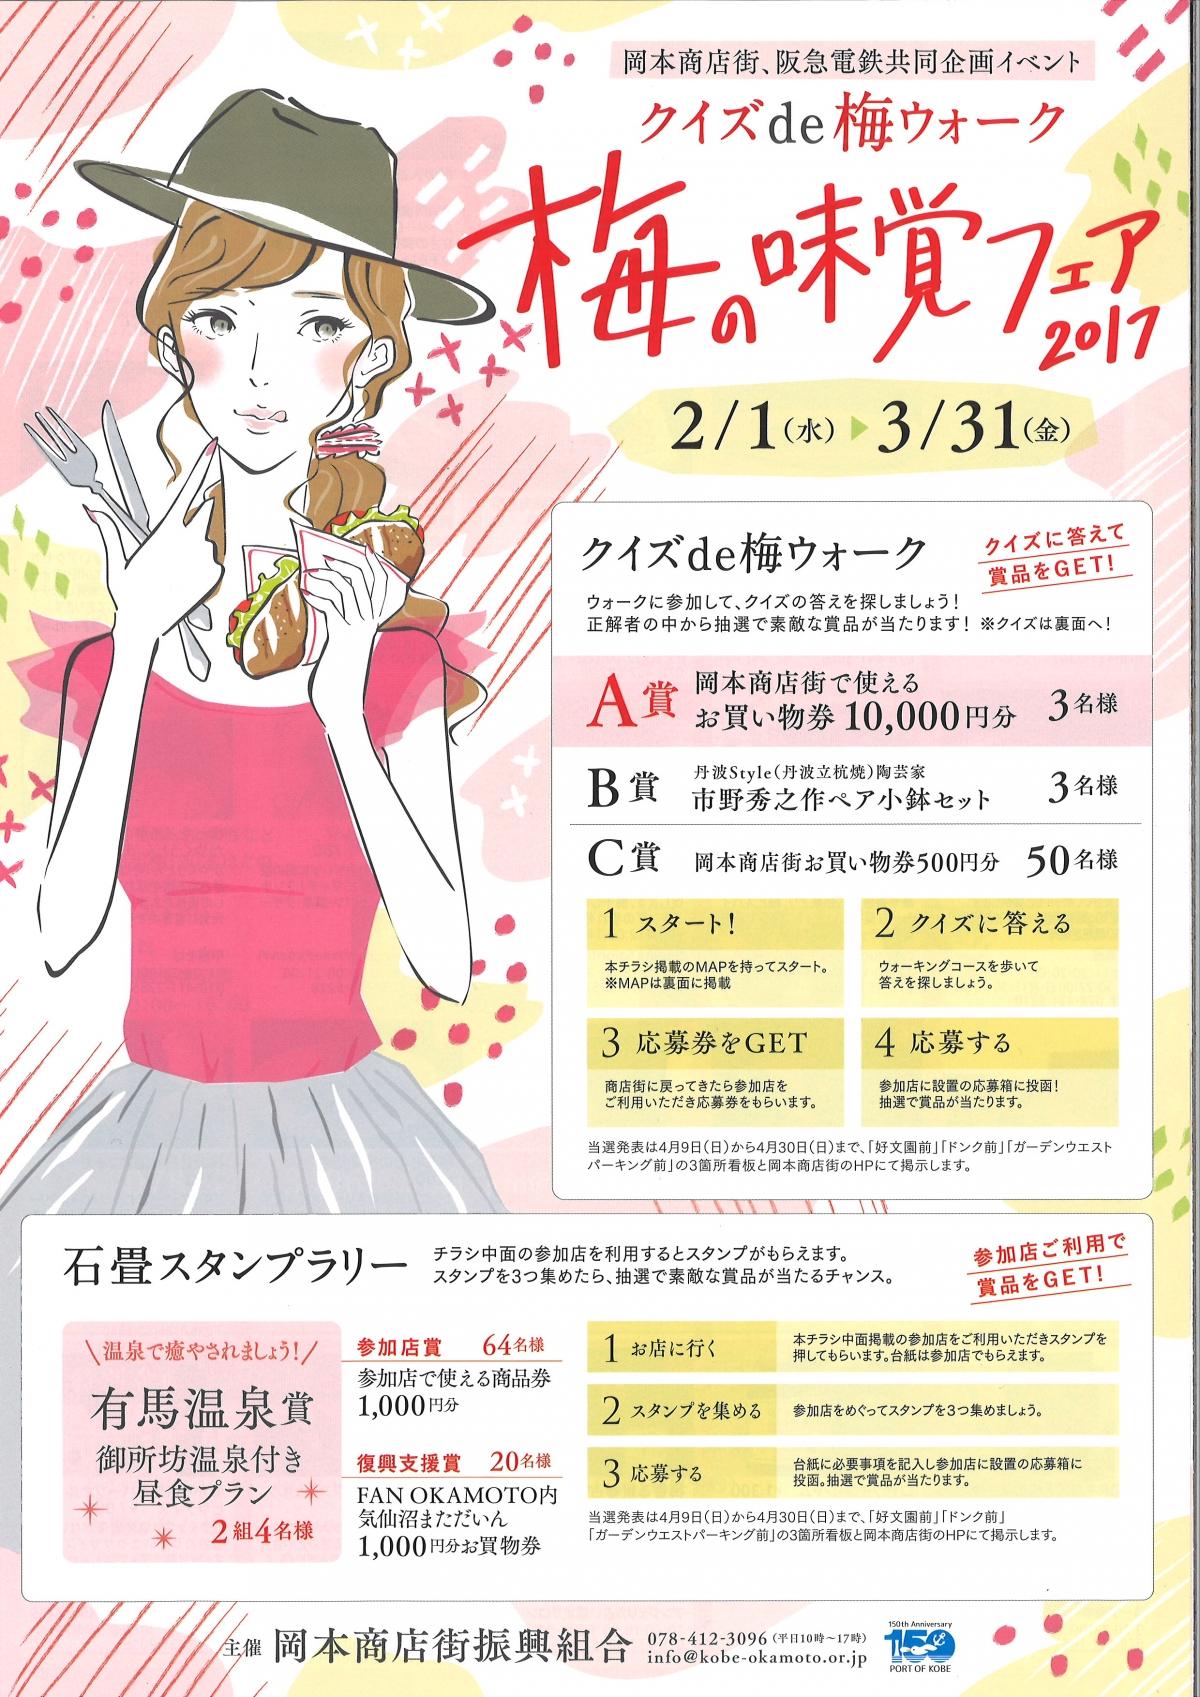 神戸・岡本商店街で「クイズde梅ウオーク&梅の味覚フェア2017」2月1日(水)から3月31日(金)まで開催中【※告知】